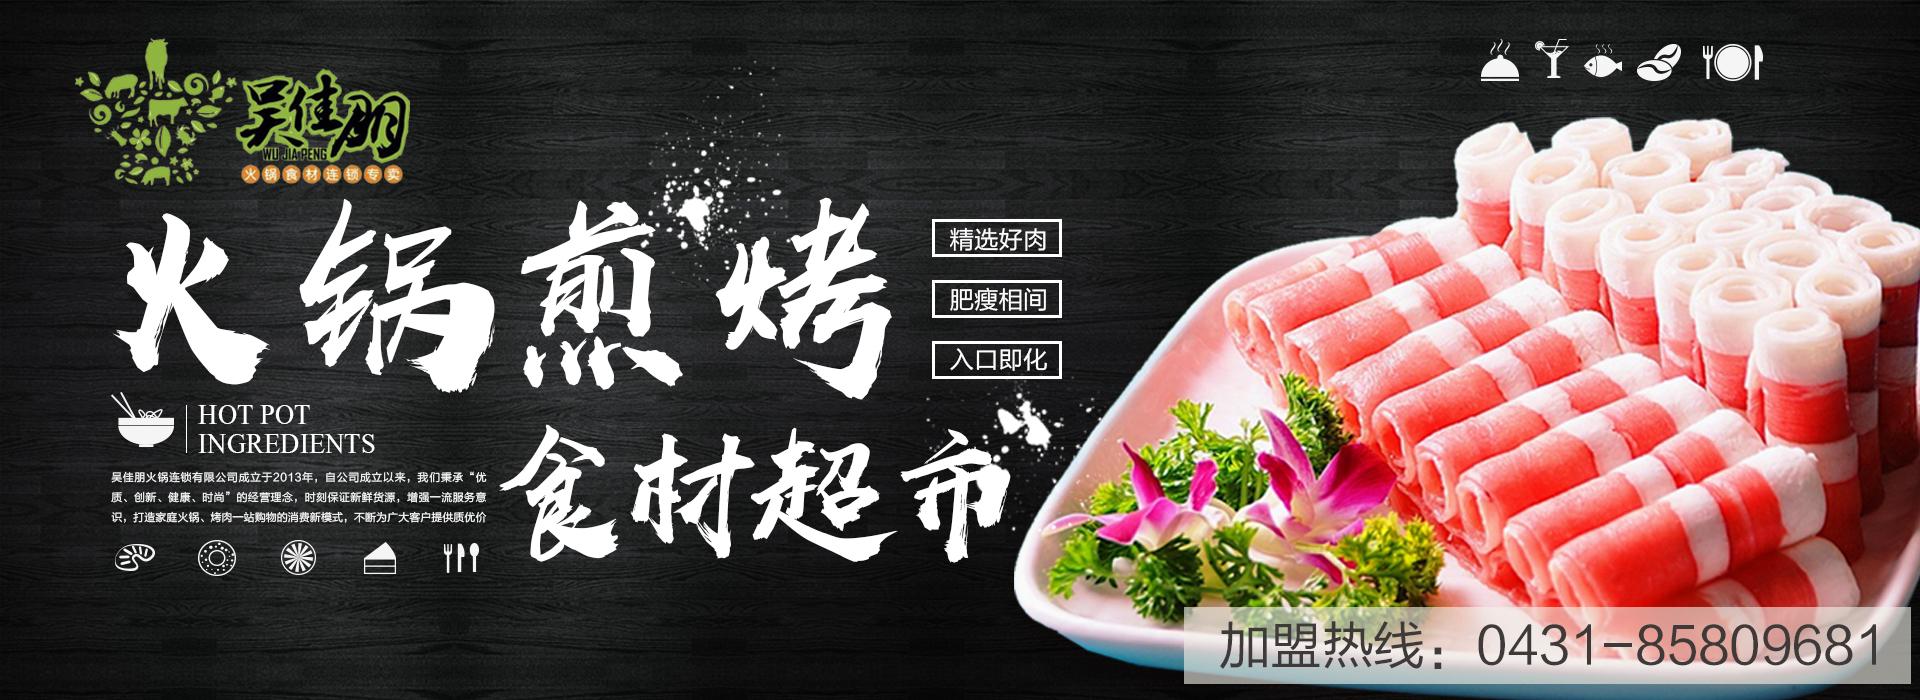 吉林省火锅超市